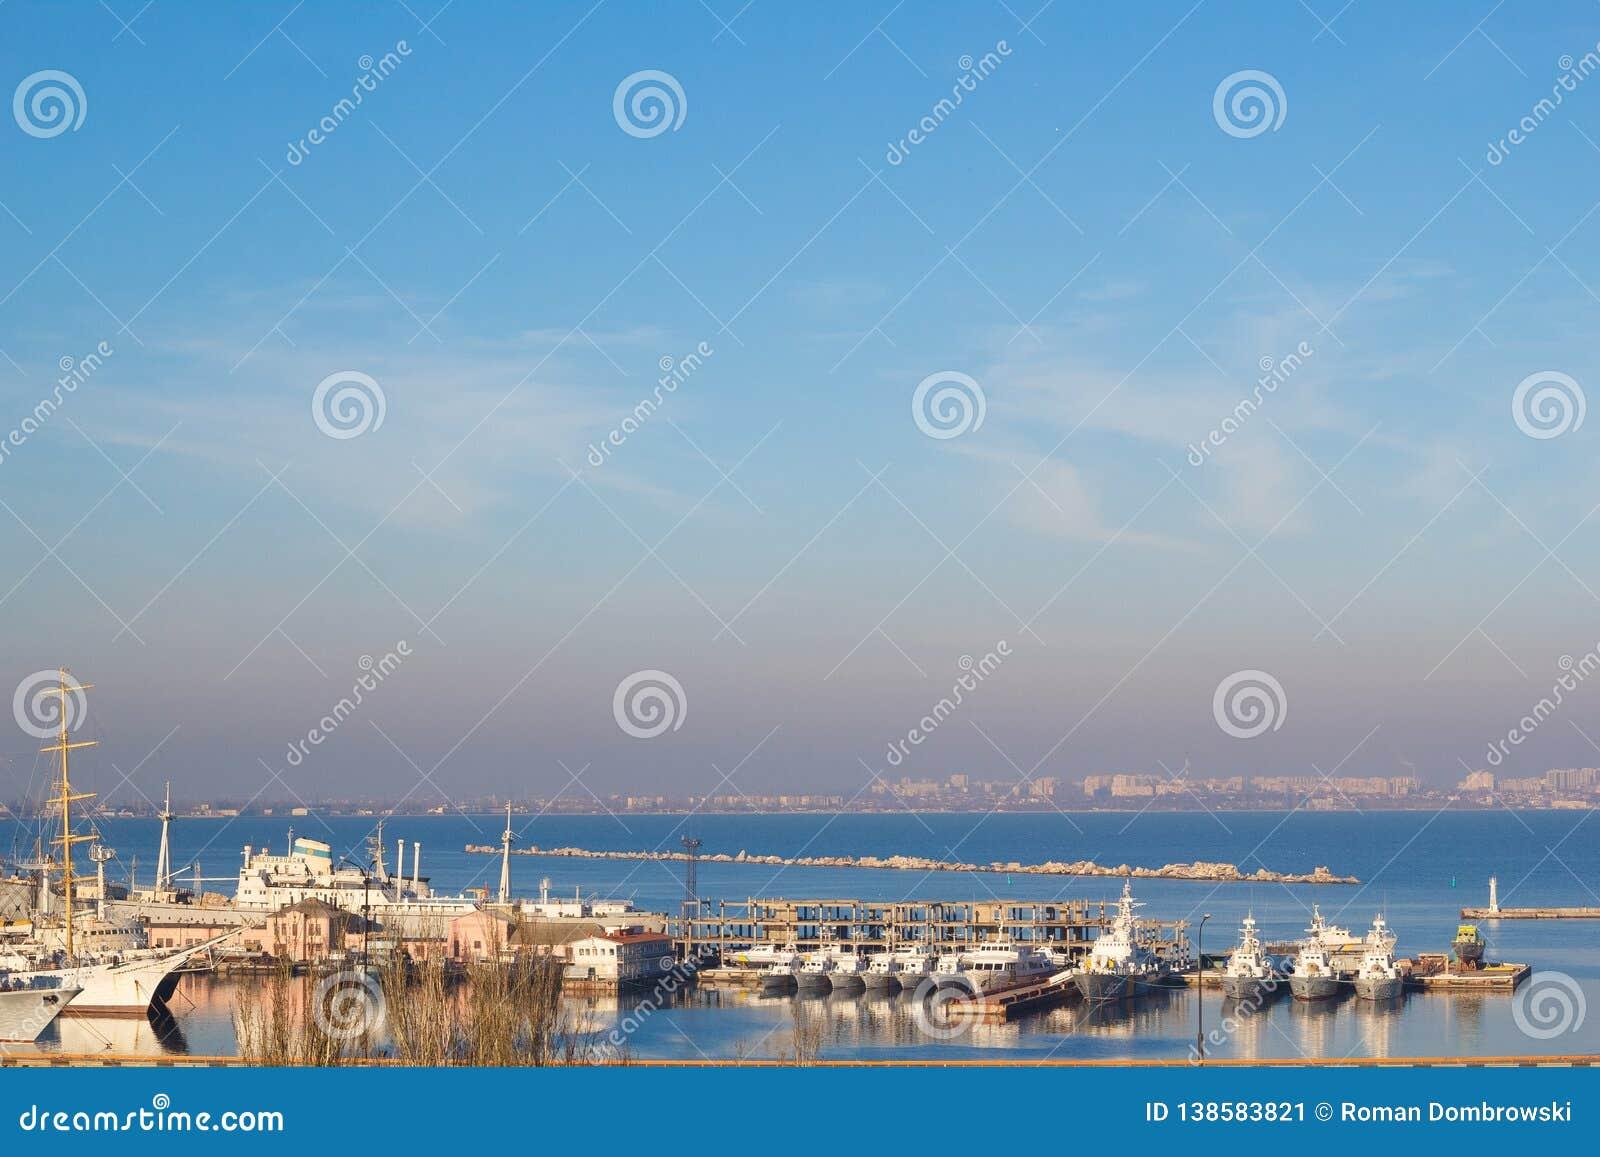 Piękny zmierzch w Odessa porcie morskim Ukraina